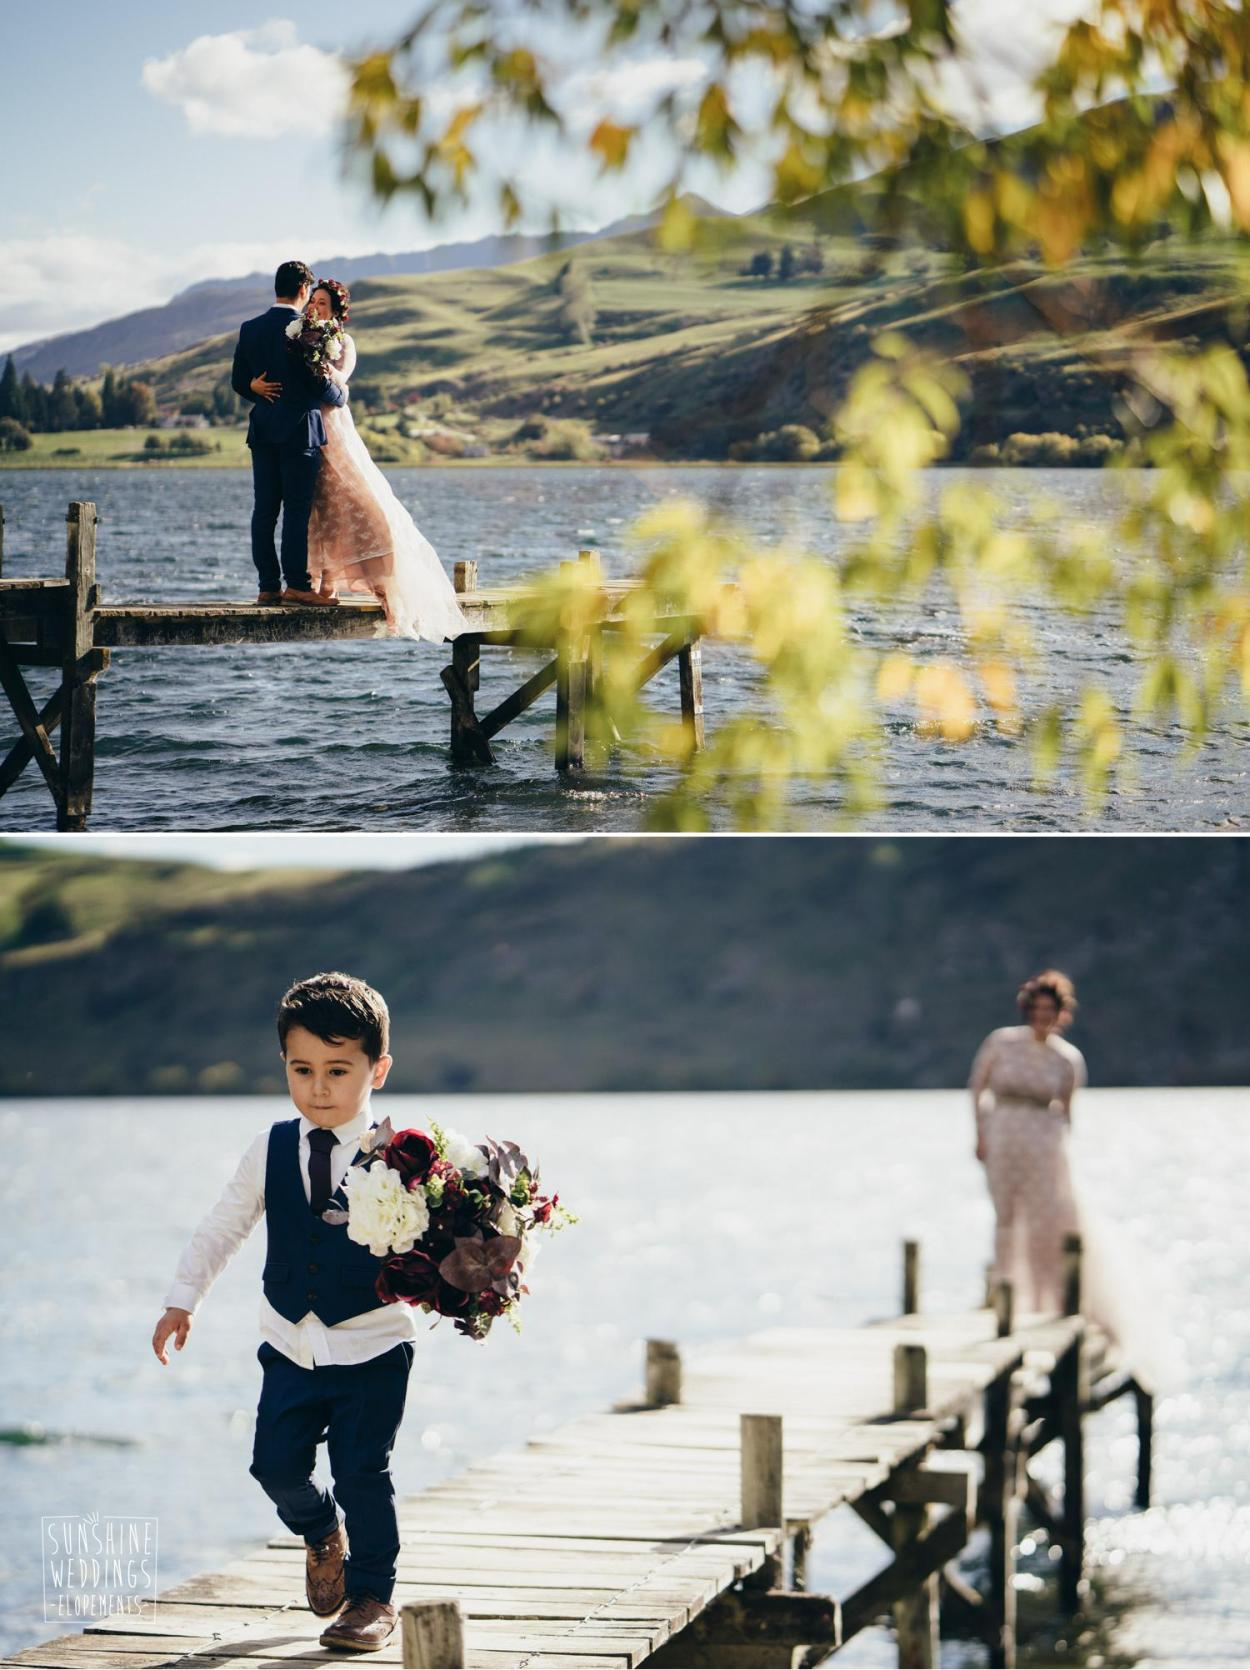 Elopement wedding photographer Queenstown